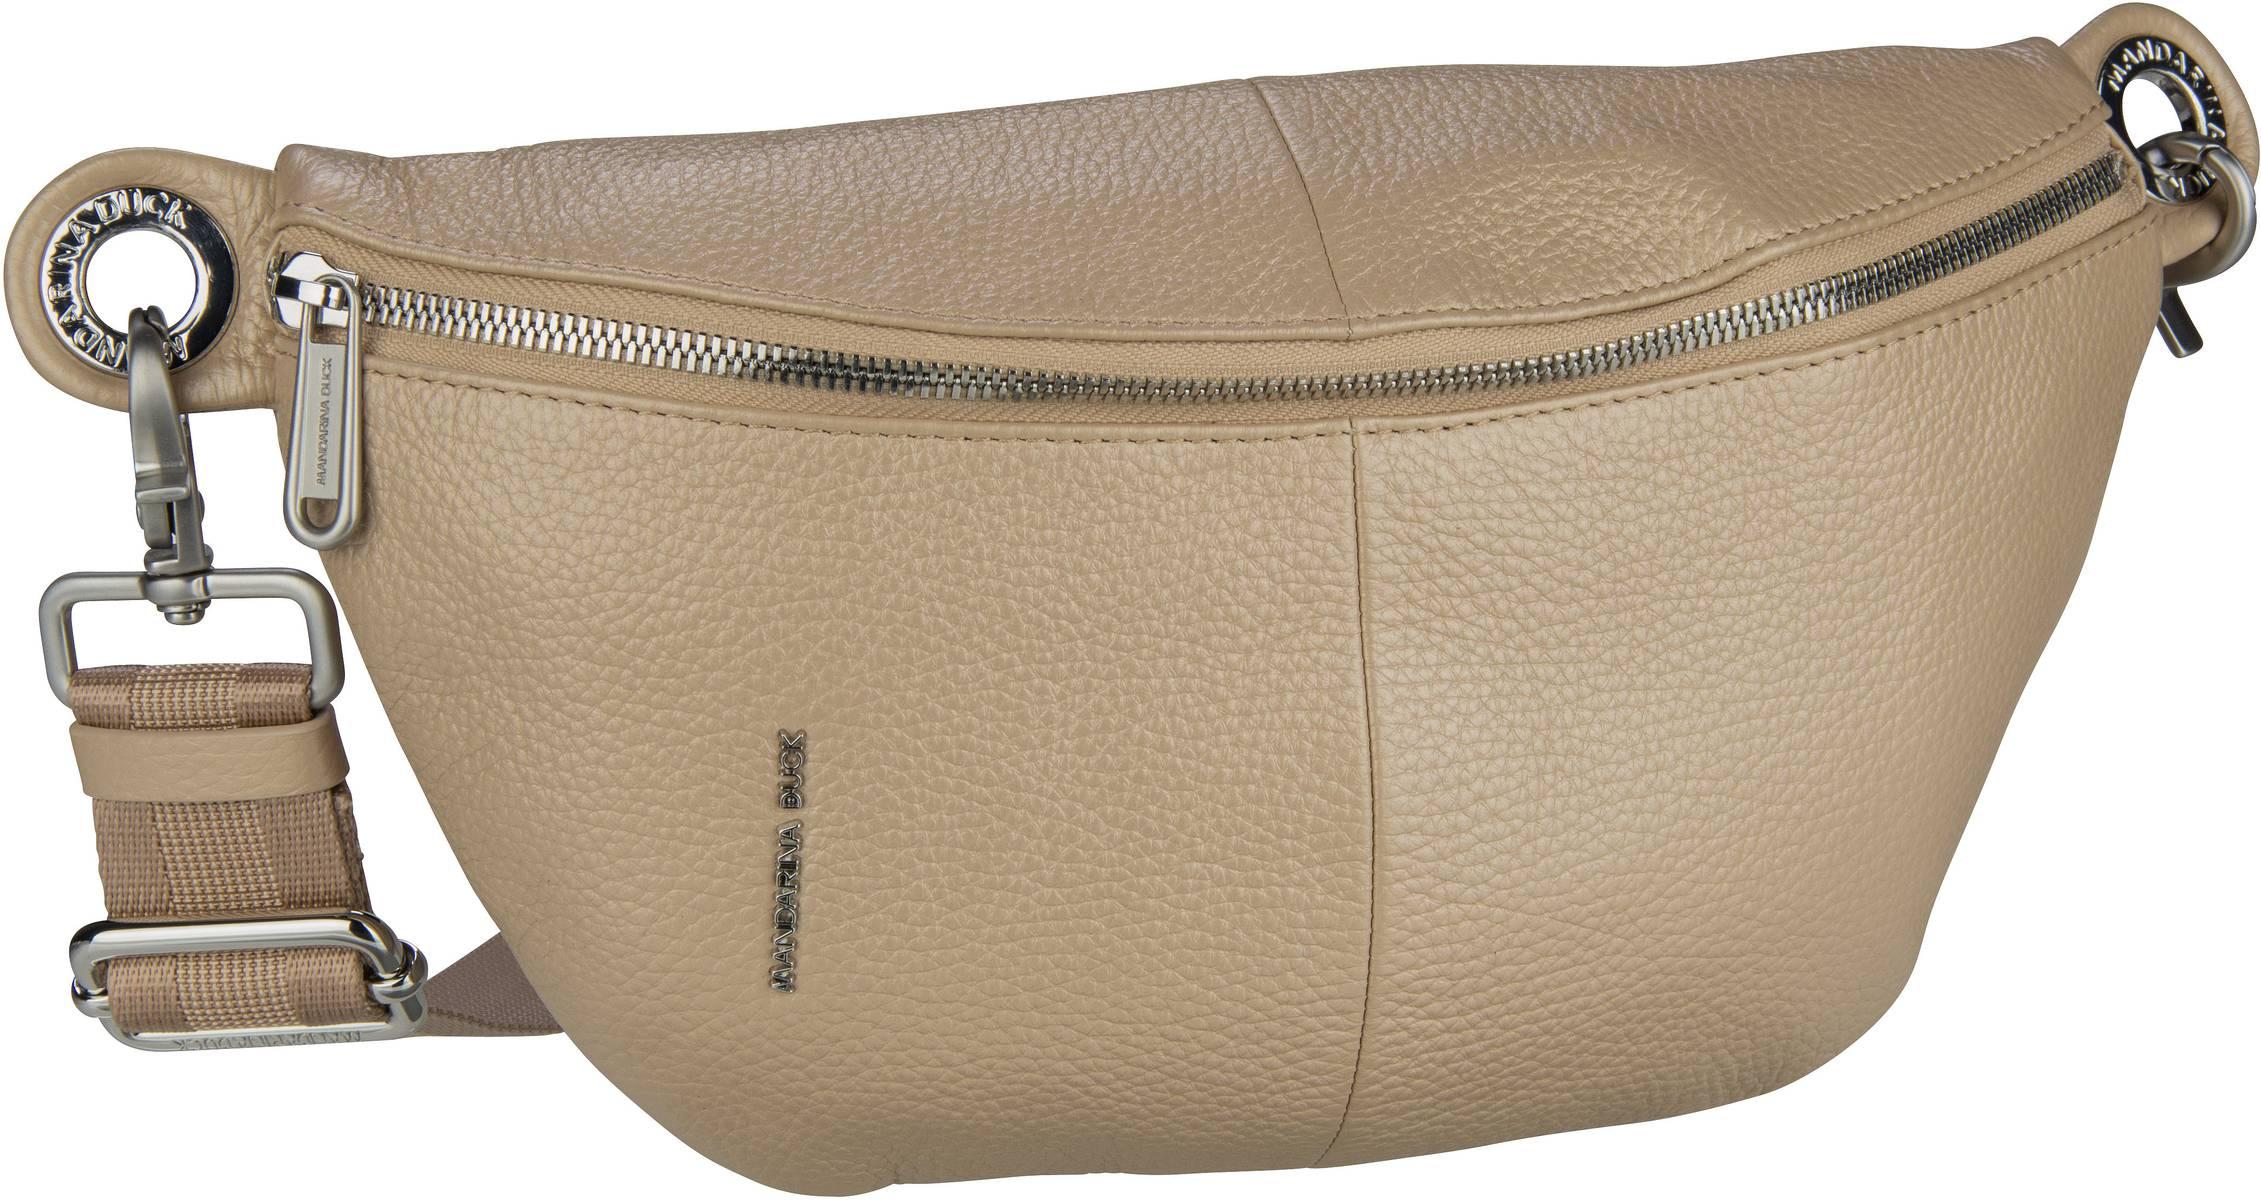 Kleinwaren - Mandarina Duck Gürteltasche Mellow Leather Lux Bum Bag ZLT73 Irish Cream  - Onlineshop Taschenkaufhaus